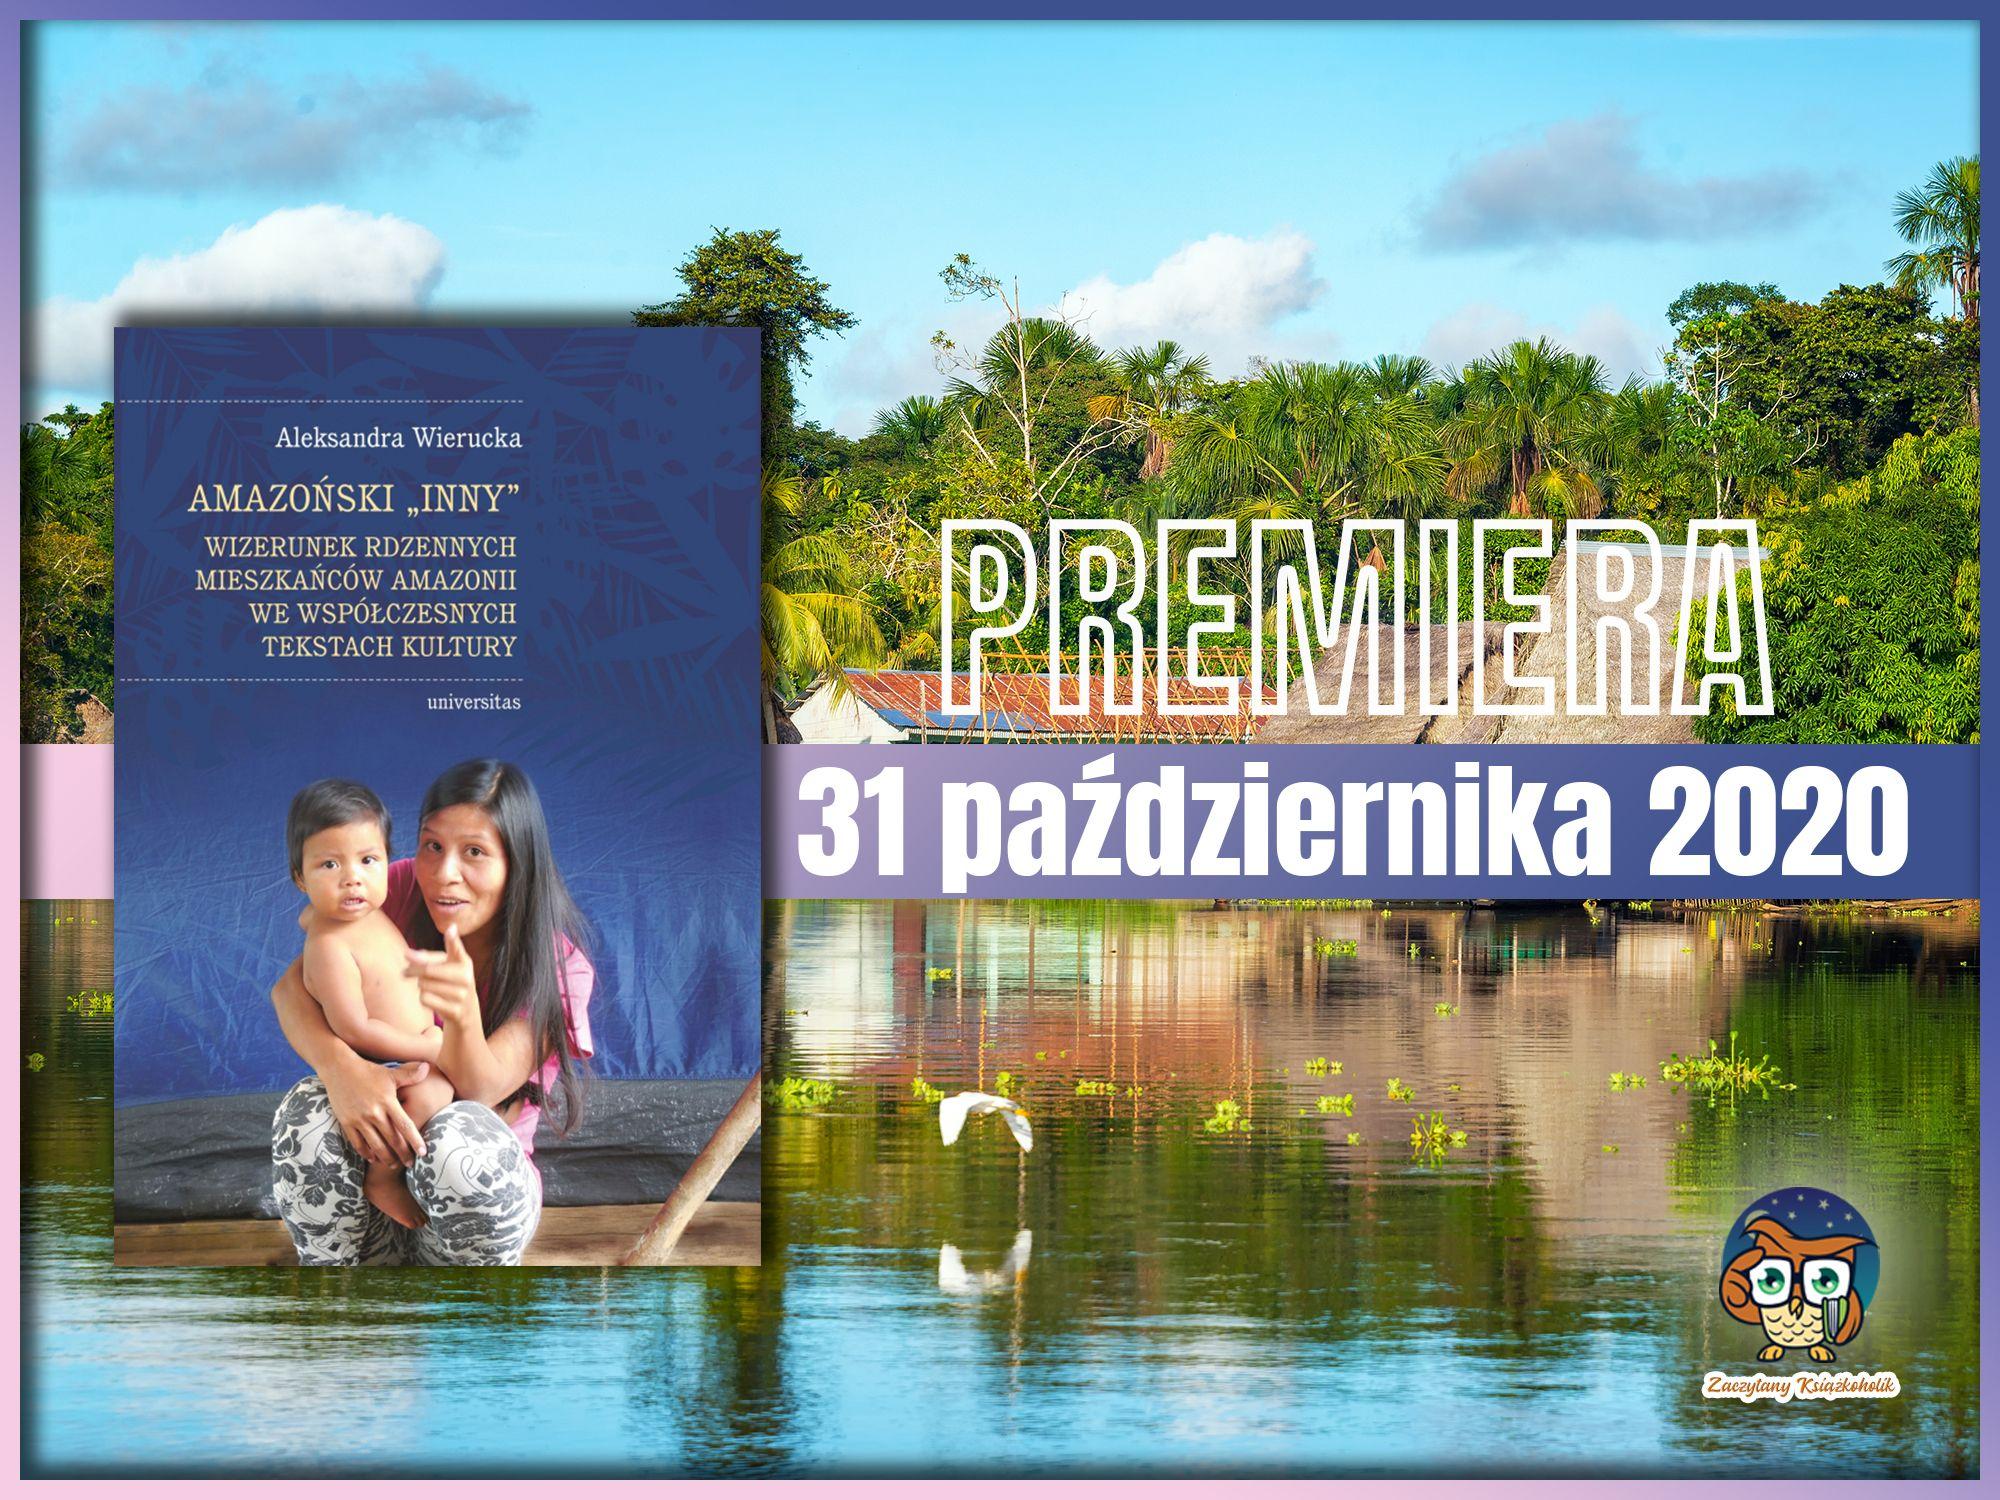 Amazoński Inny. Wizerunek rdzennych mieszkańców Amazonii we współczesnych tekstach kultury, zaczytanyksiazkoholik.pl